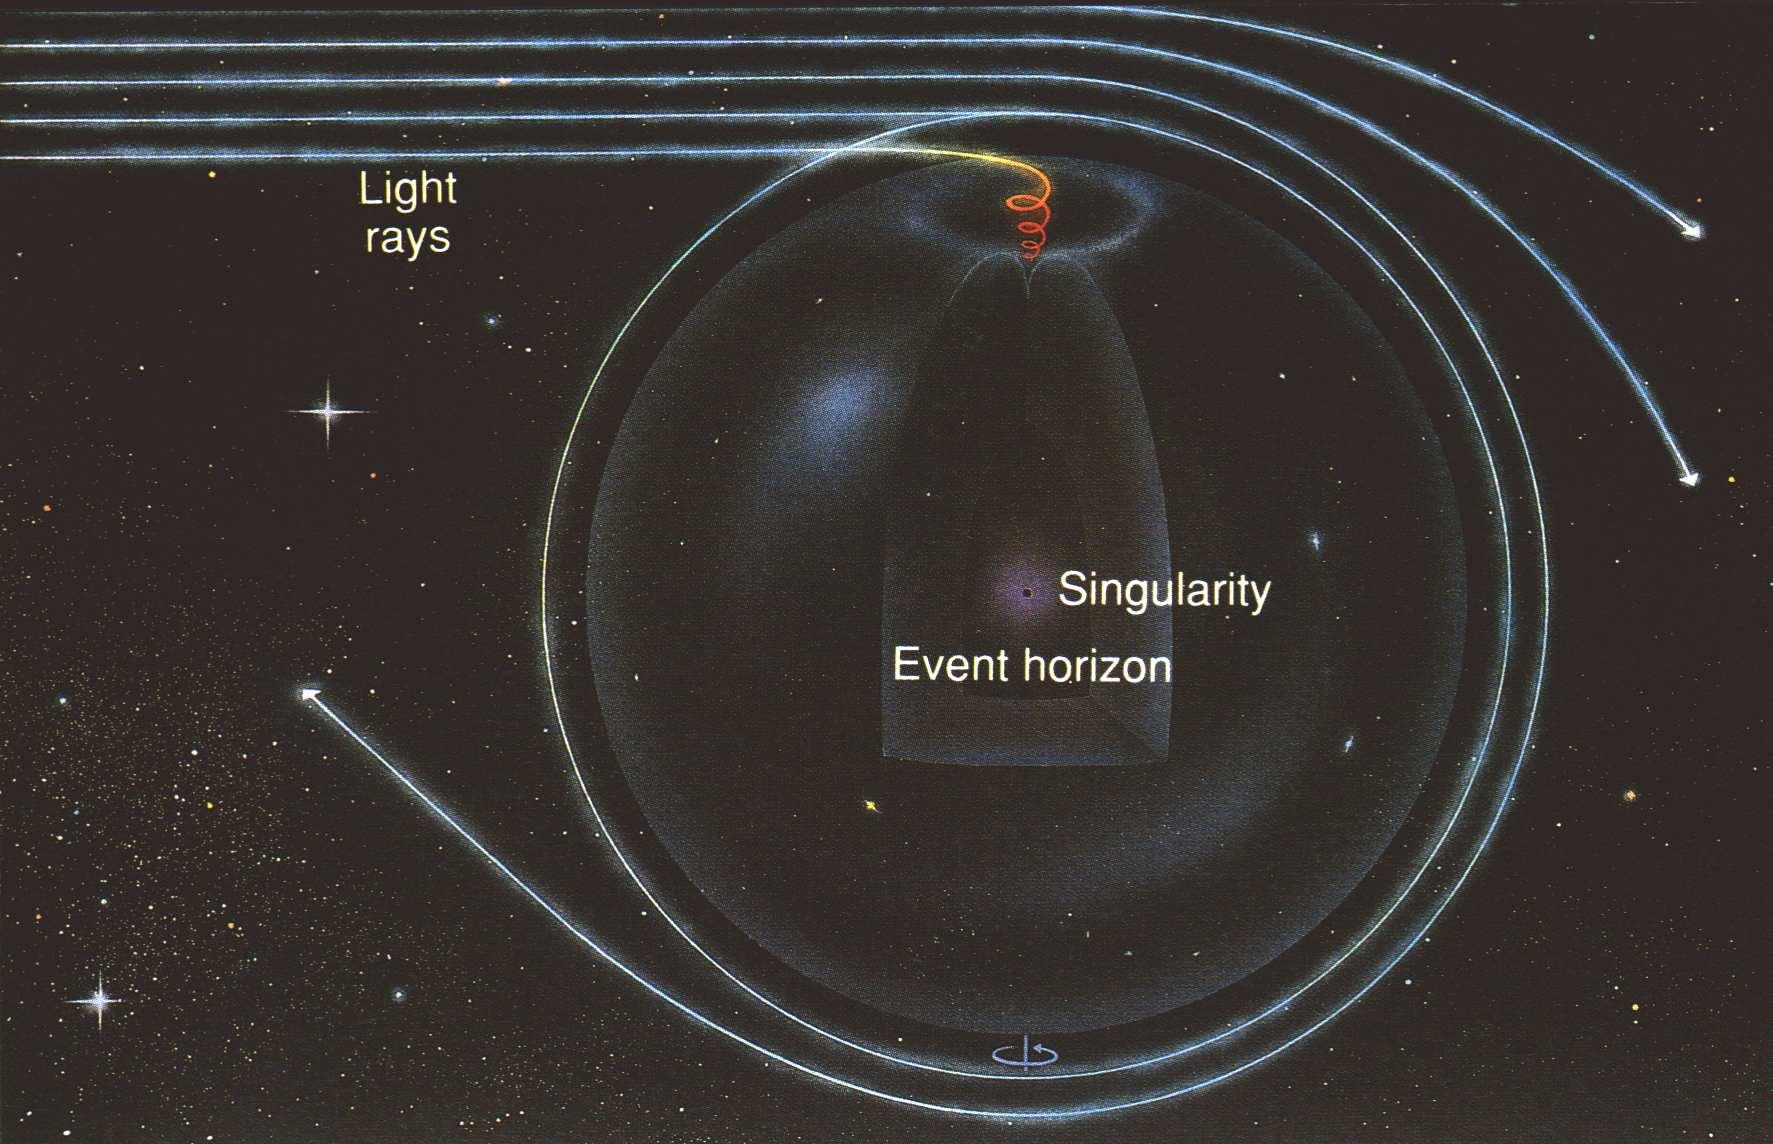 الثقوب السوداء - وحوش المجرات